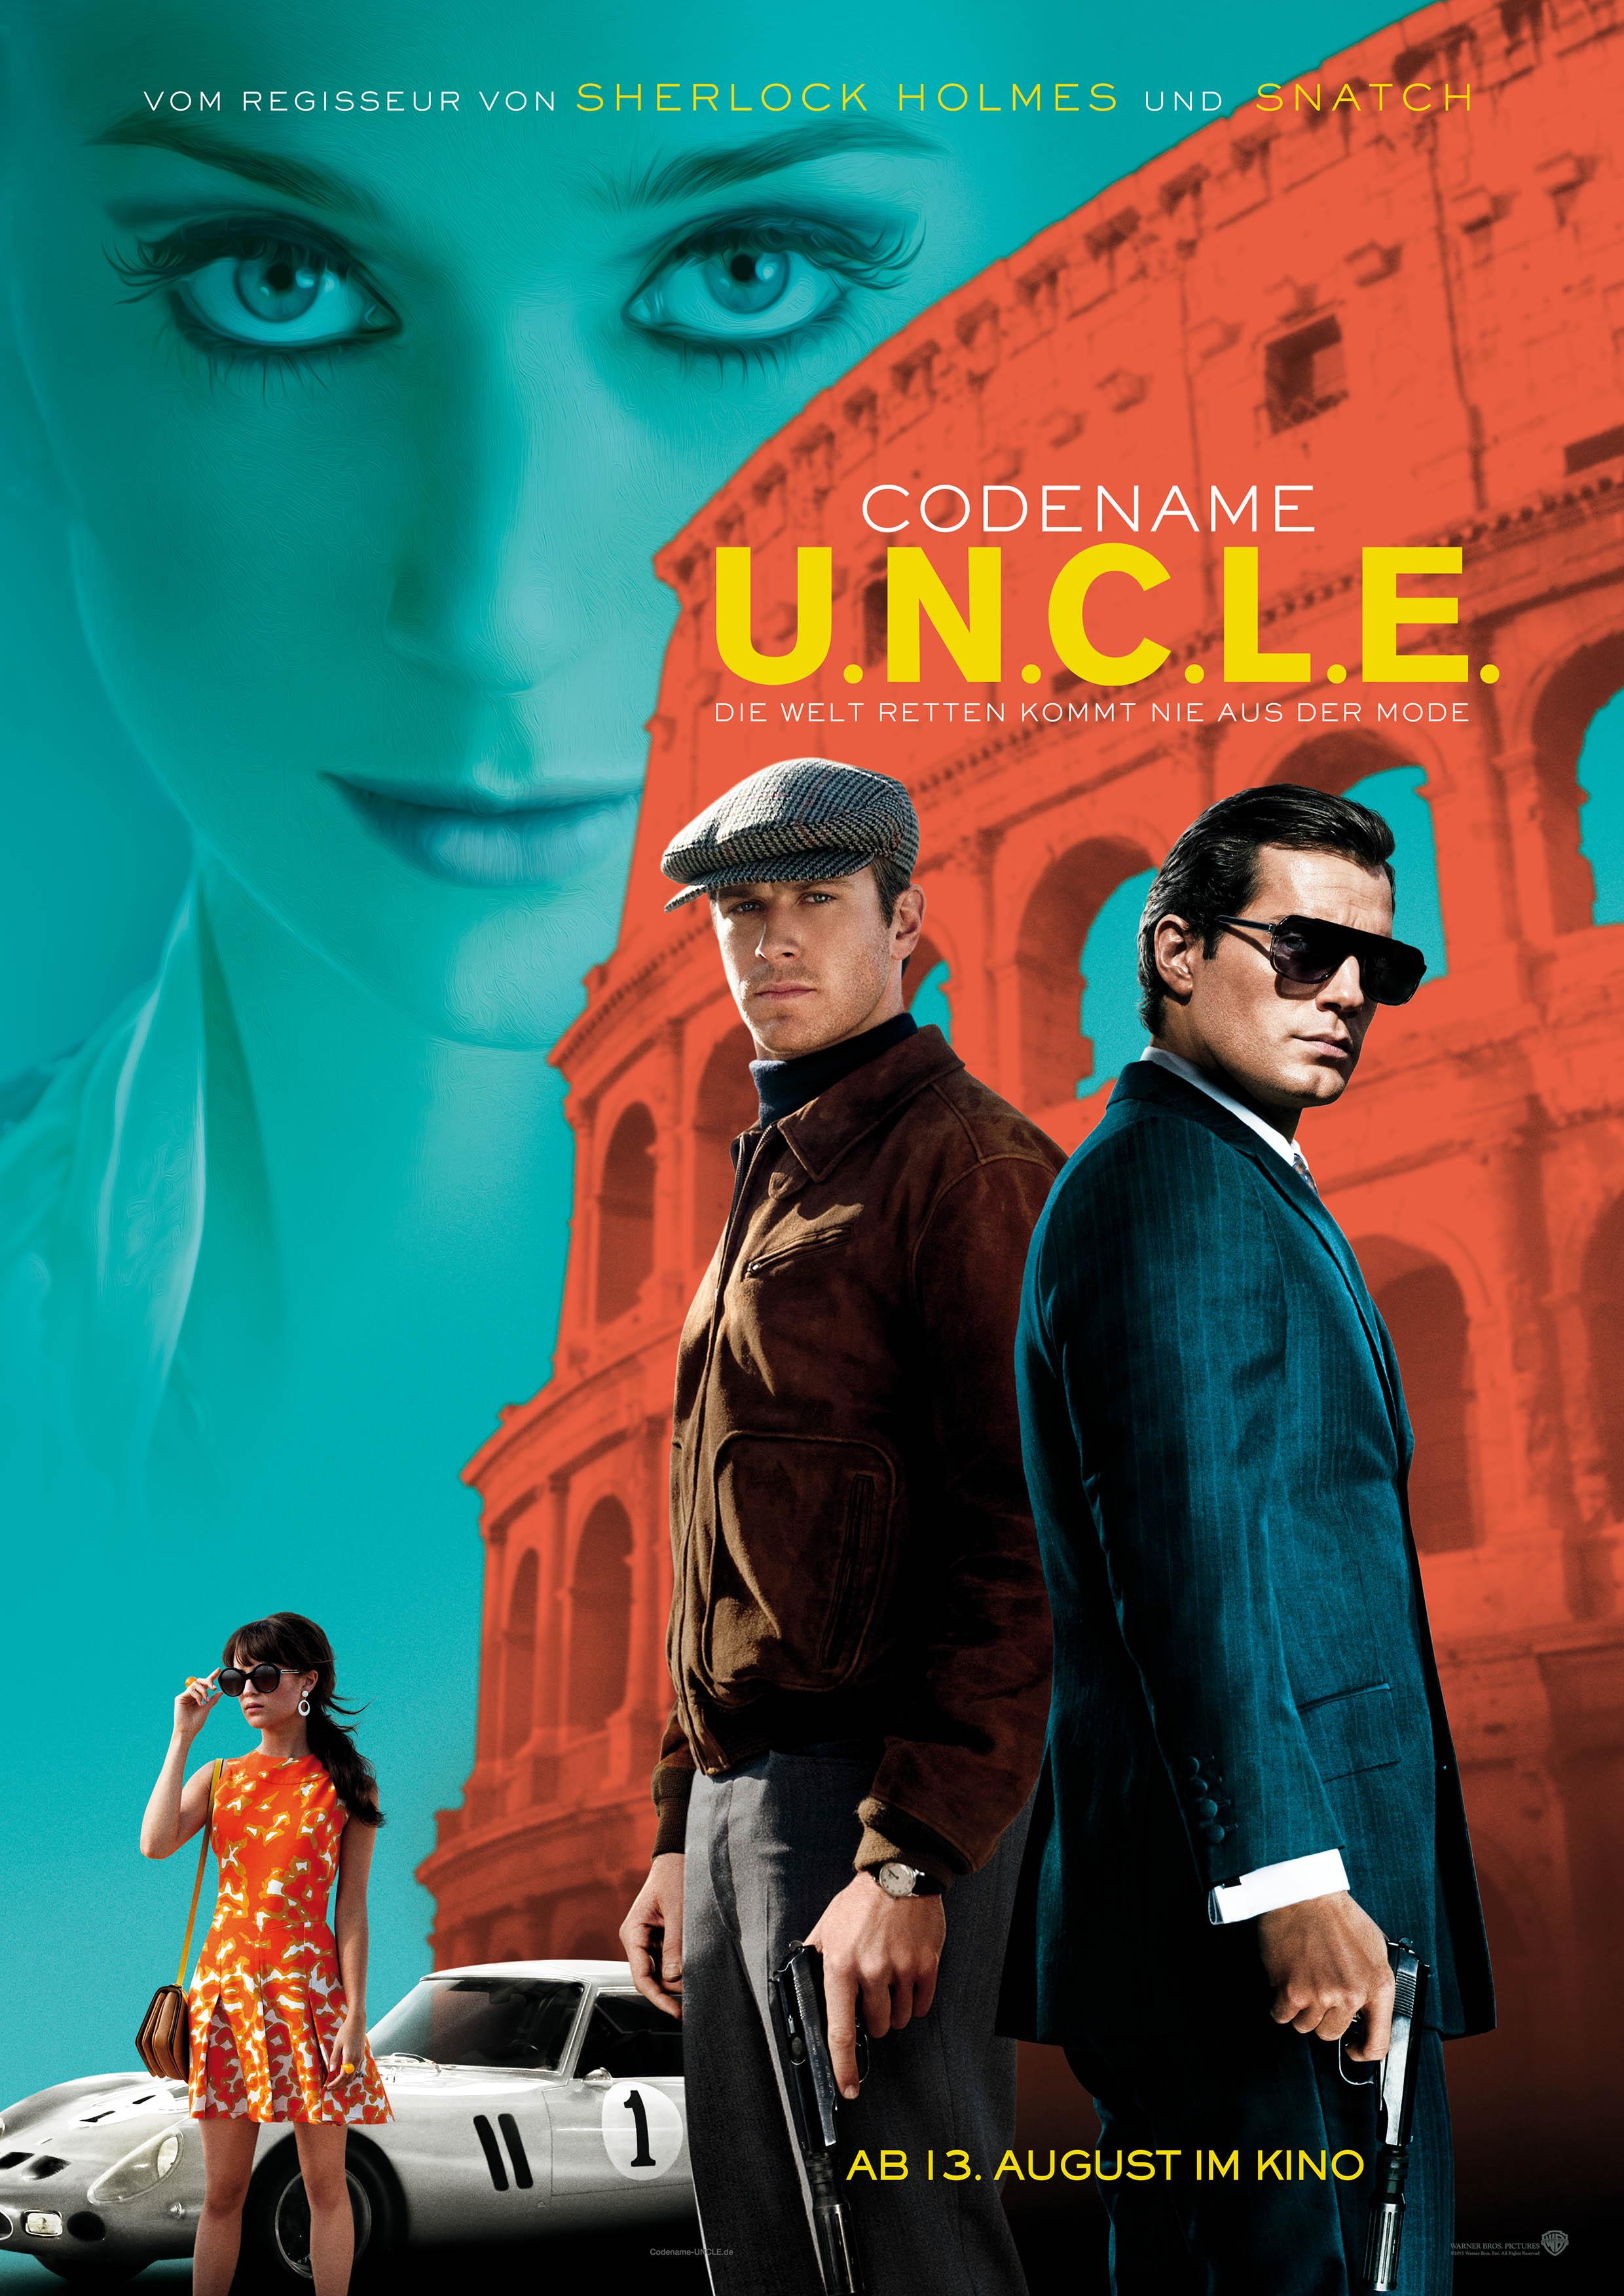 Codename U.N.C.L.E.-ab 13. August im Kino